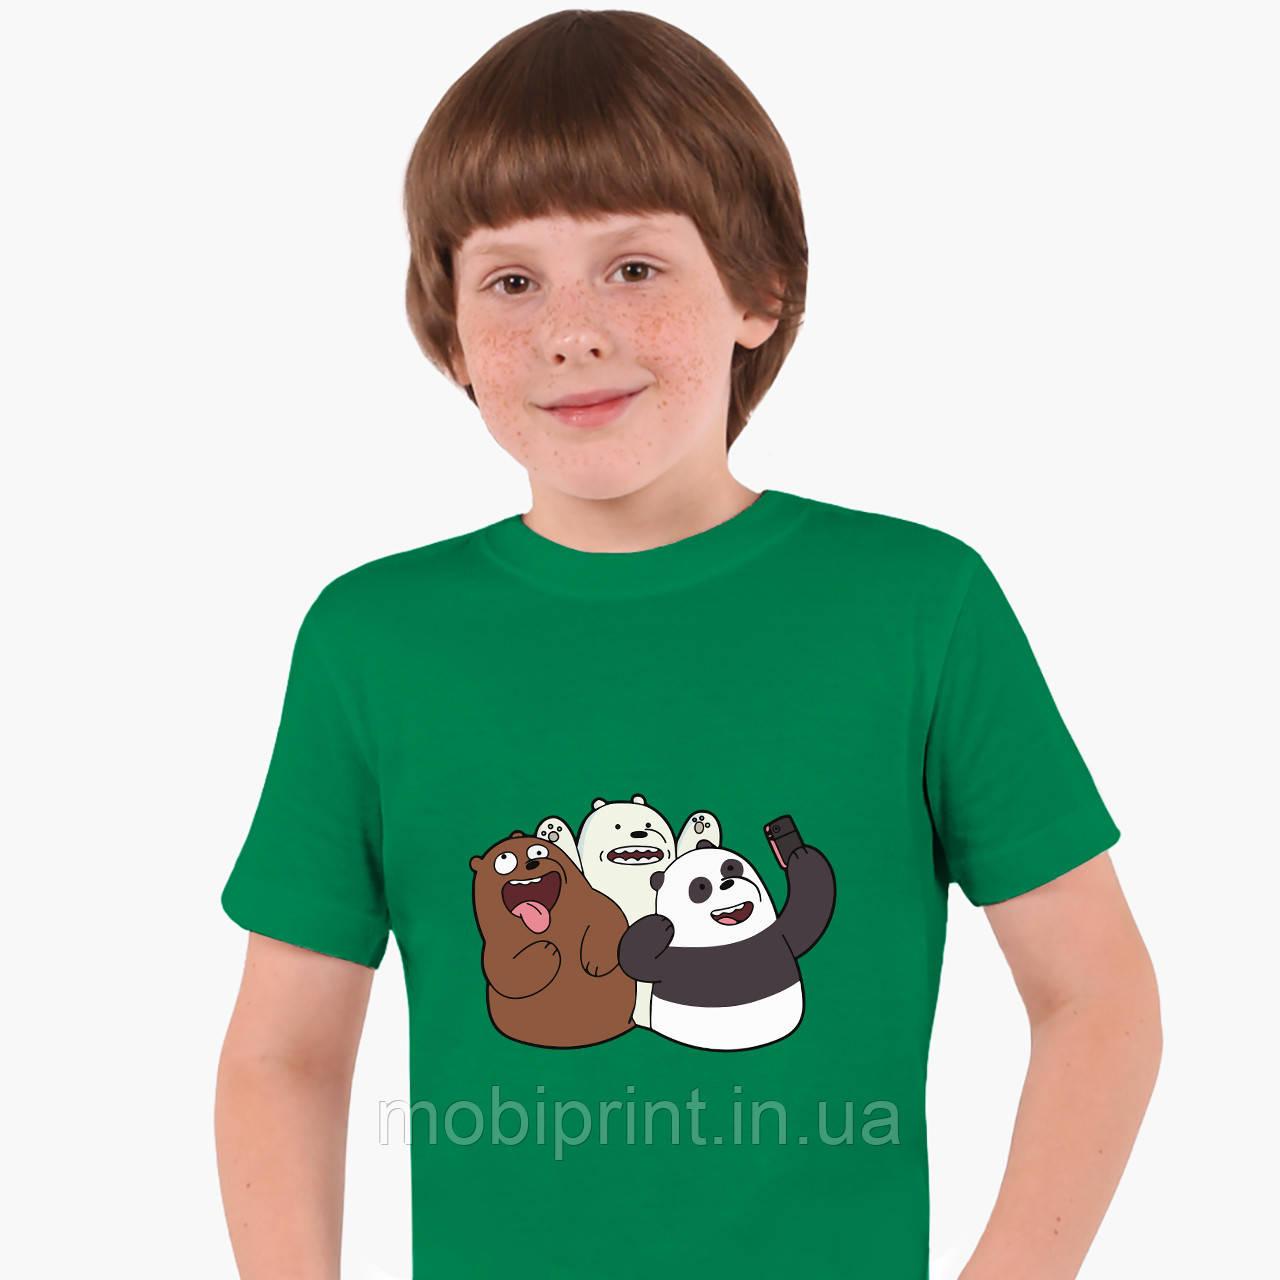 Детская футболка для мальчиков Вся правда о медведях (We Bare Bears) (25186-2665-KG) Зеленый